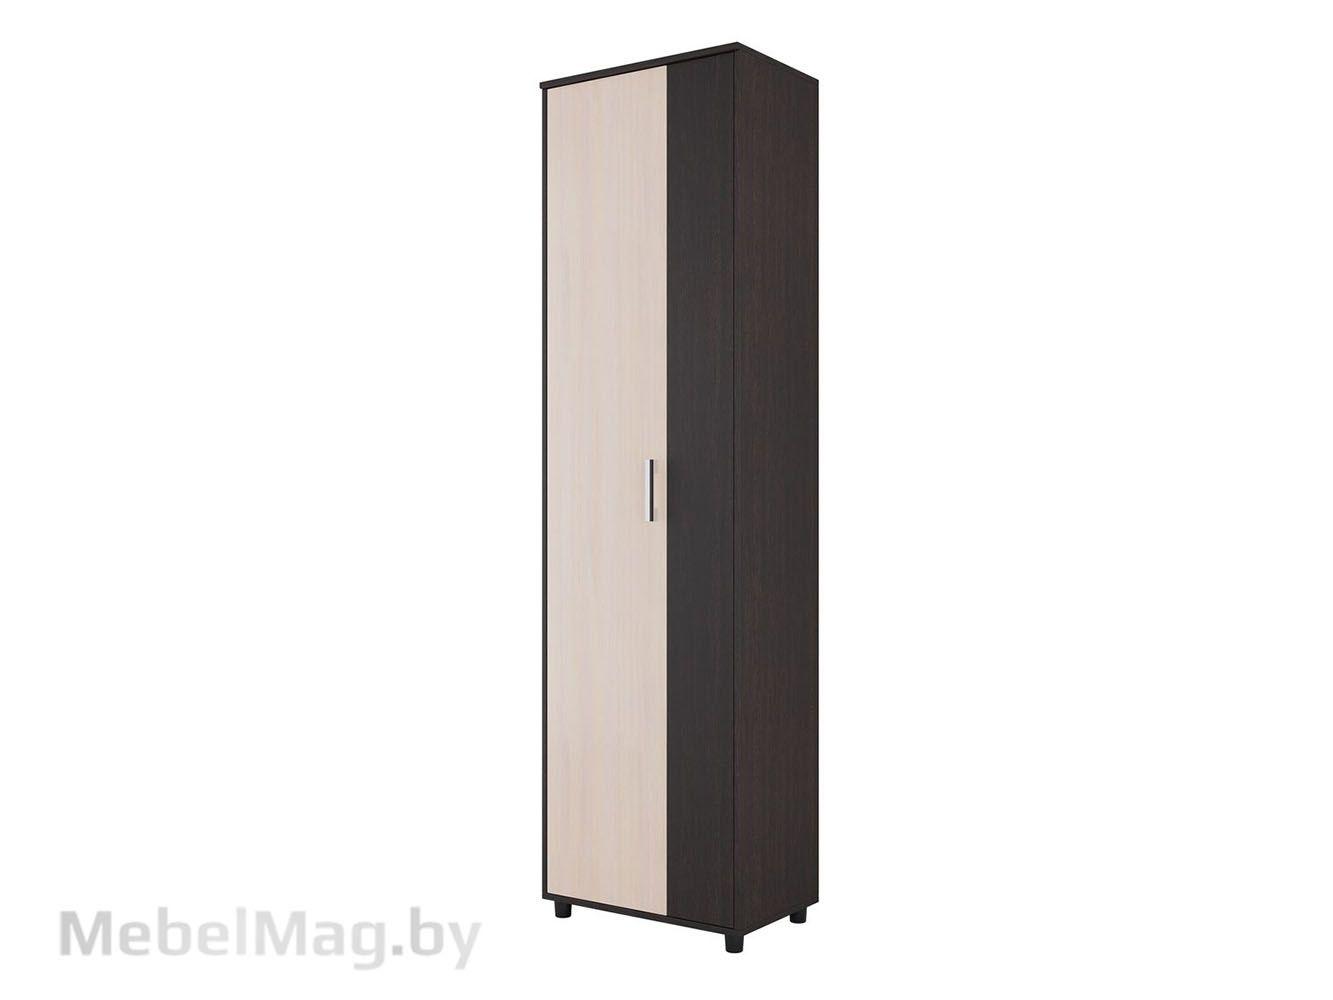 Шкаф двухстворчатый Дуб Венге/Дуб млечный - Прихожая №2